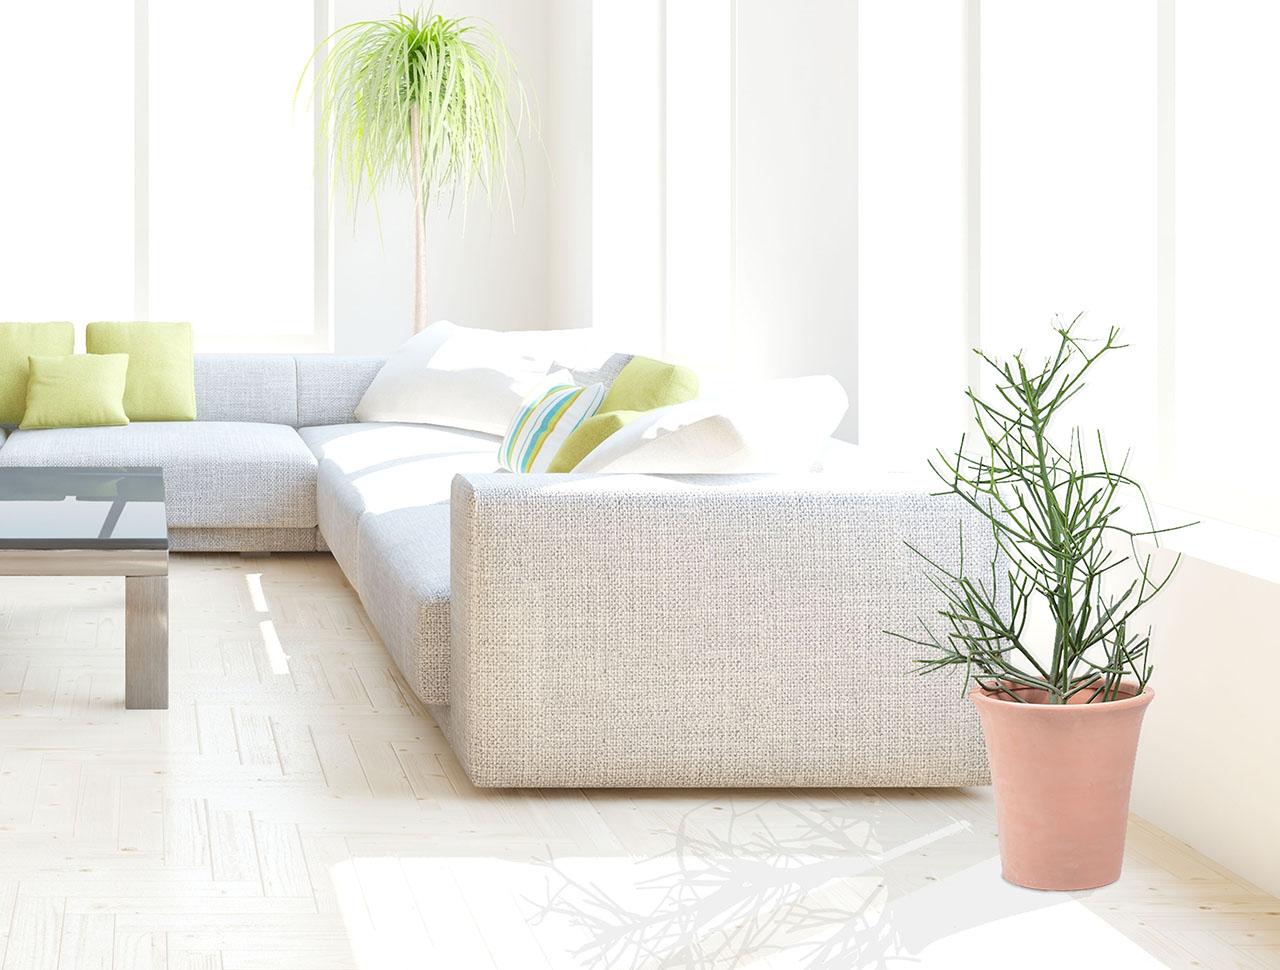 綠珊瑚盆栽放在室內空間是相當好的綠意擺設,送給新居落成的朋友最棒了